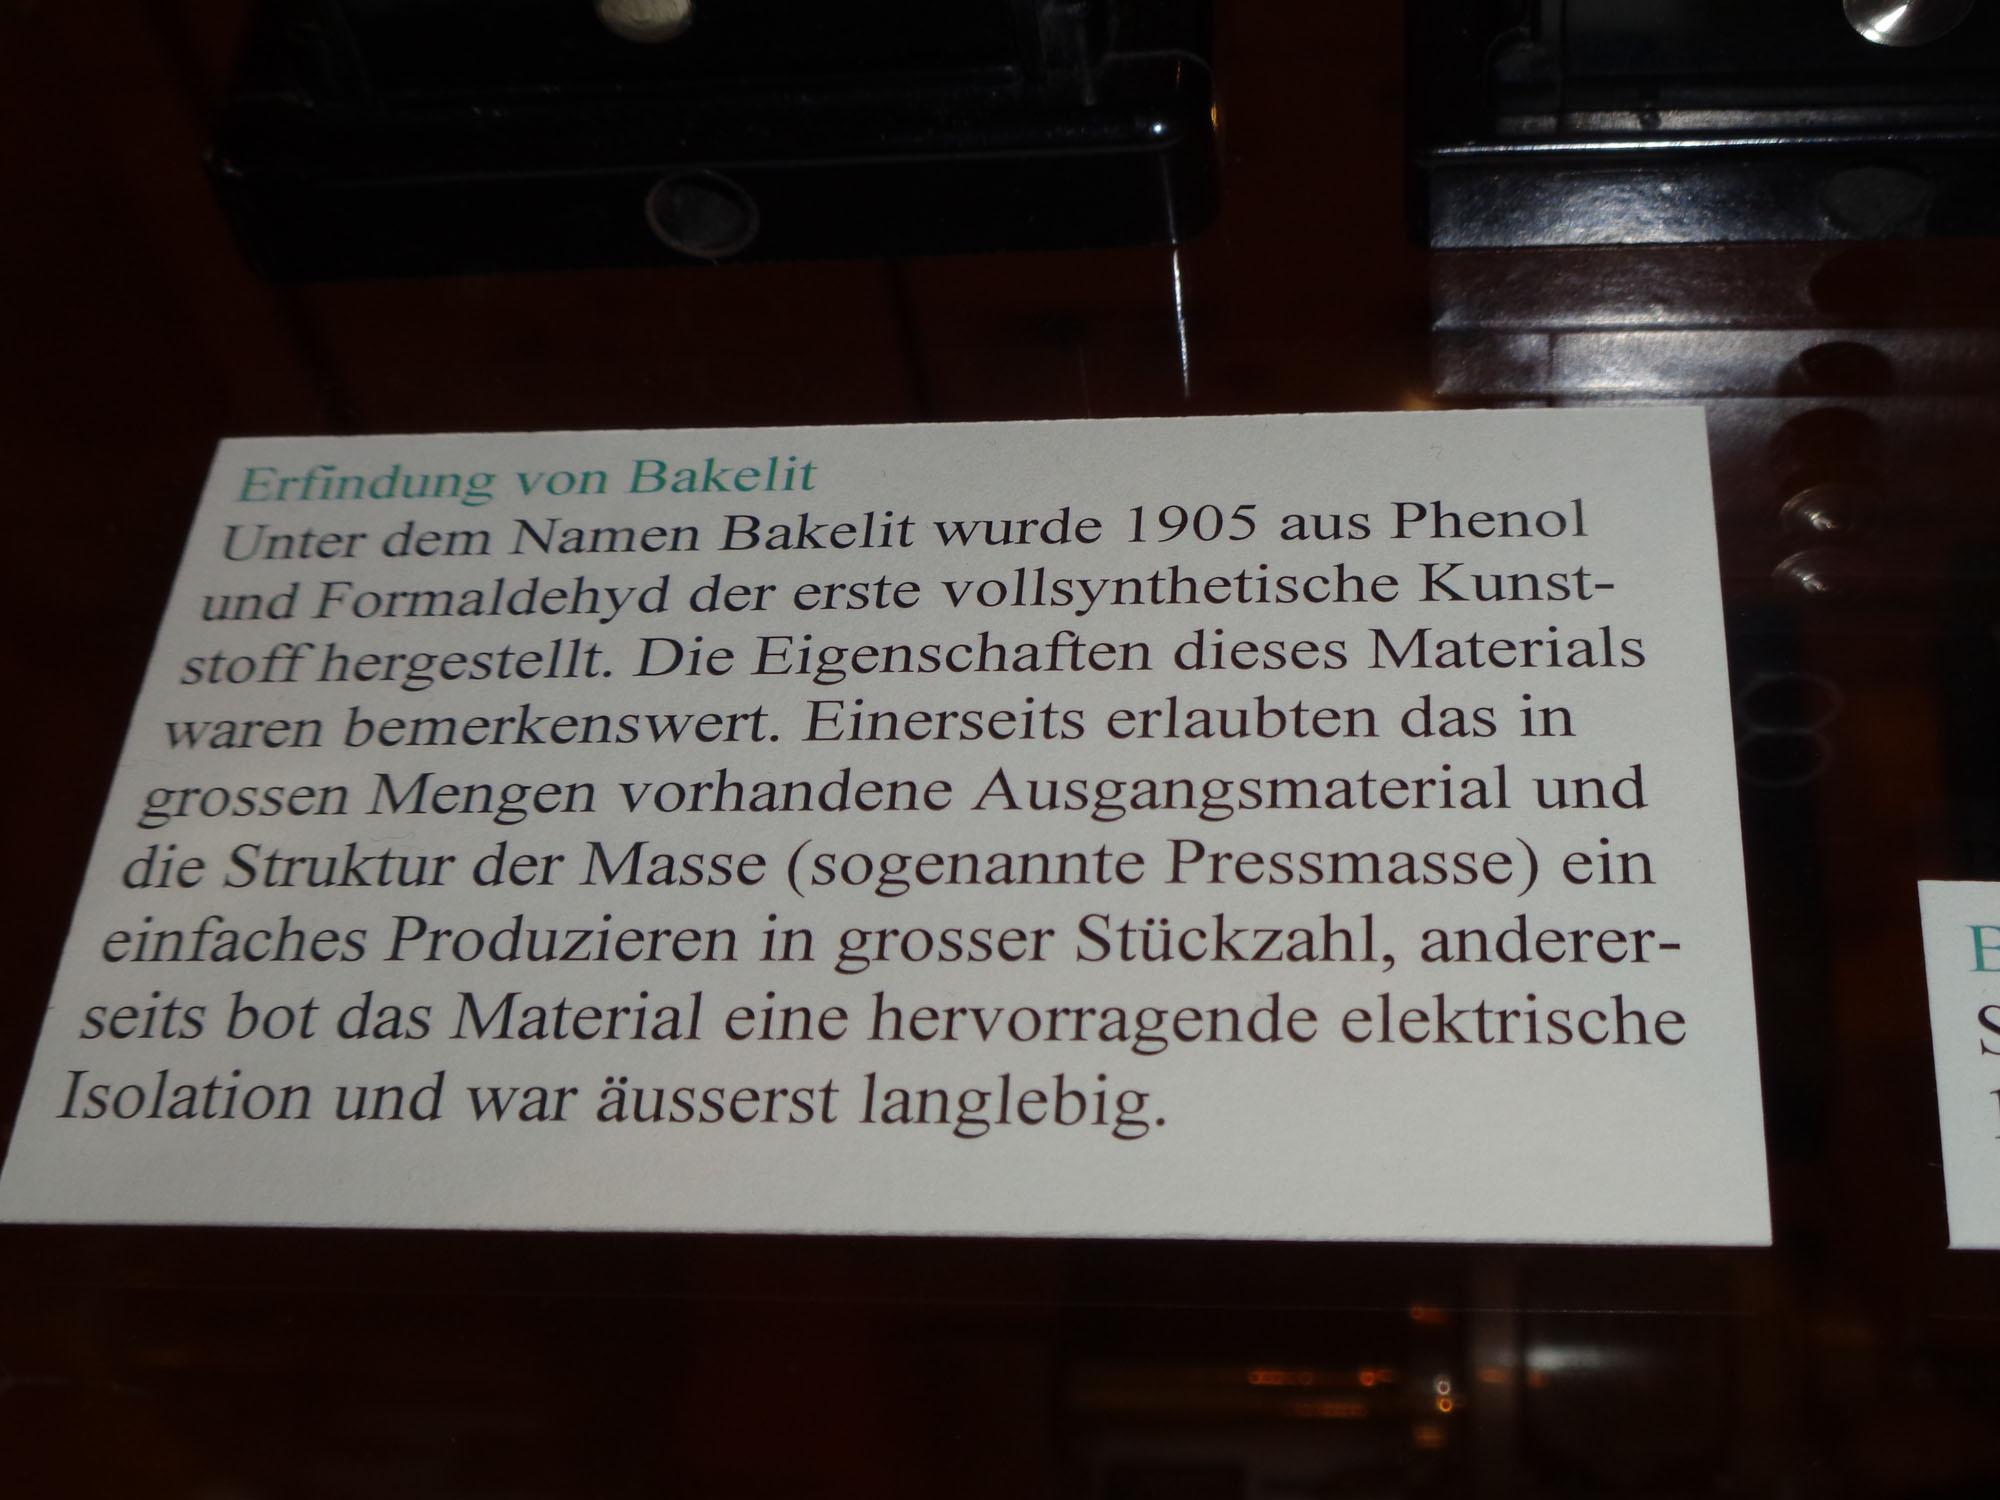 20170930_SHBS_Spitzerausstellung-Appenzell_UKlausner_041